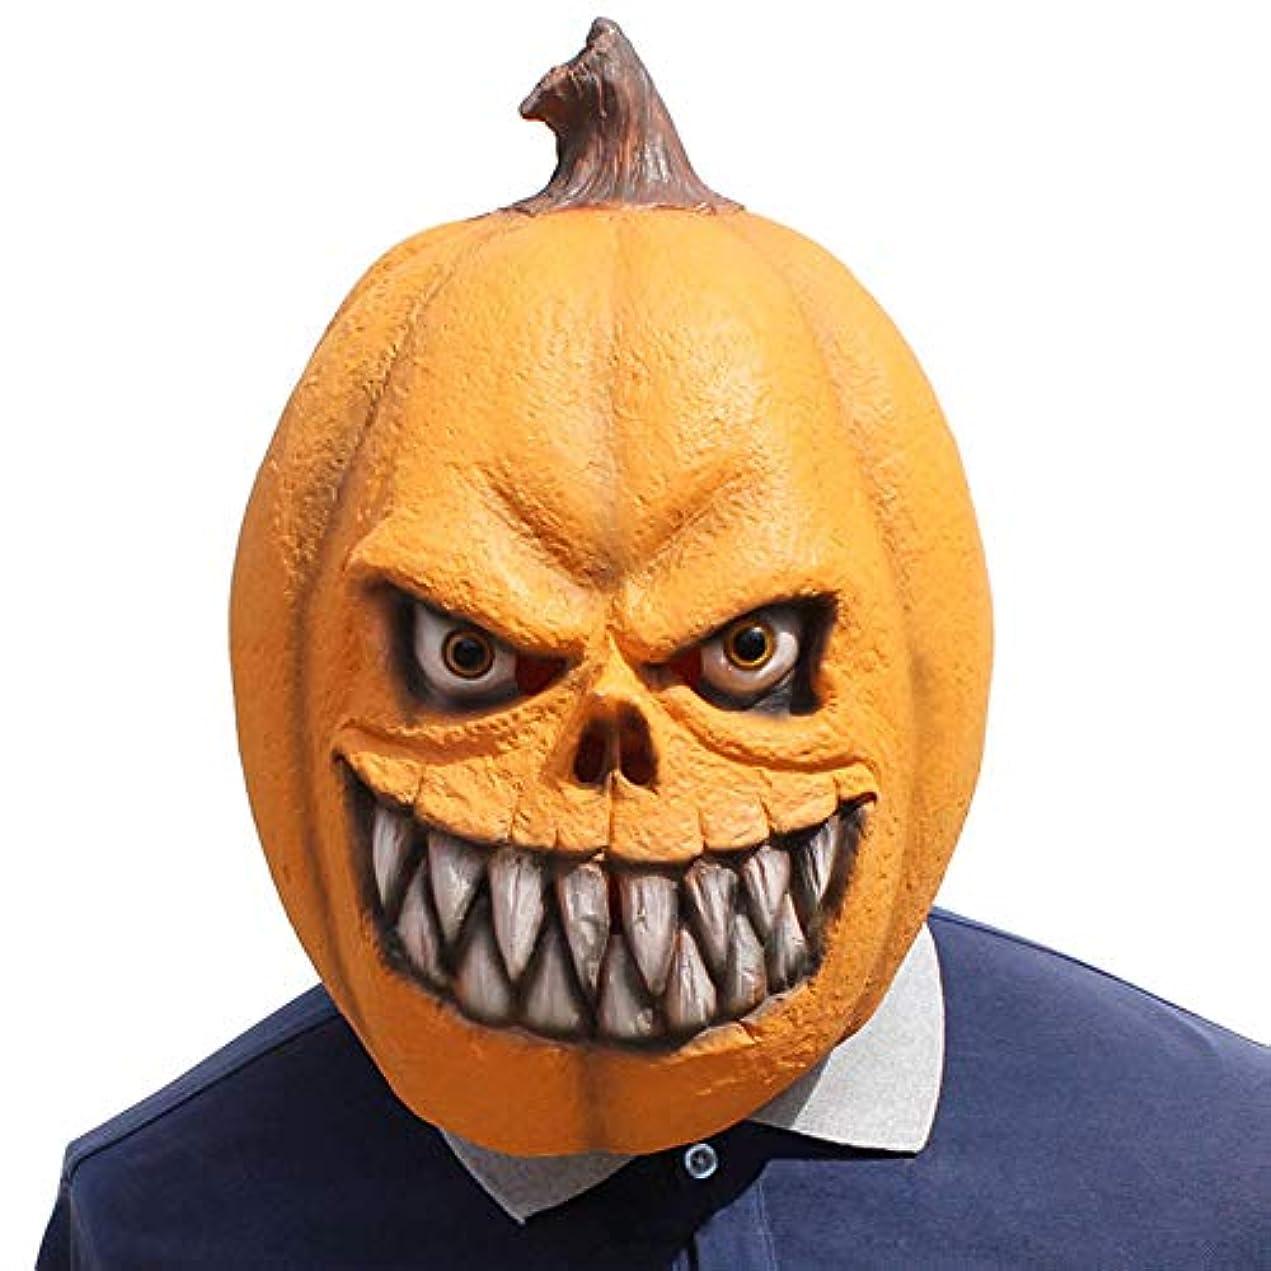 リハーサル方法雄大なハロウィーンマスク、カボチャラテックスマスク、ハロウィーン、テーマパーティー、カーニバル、レイブパーティーに適しています